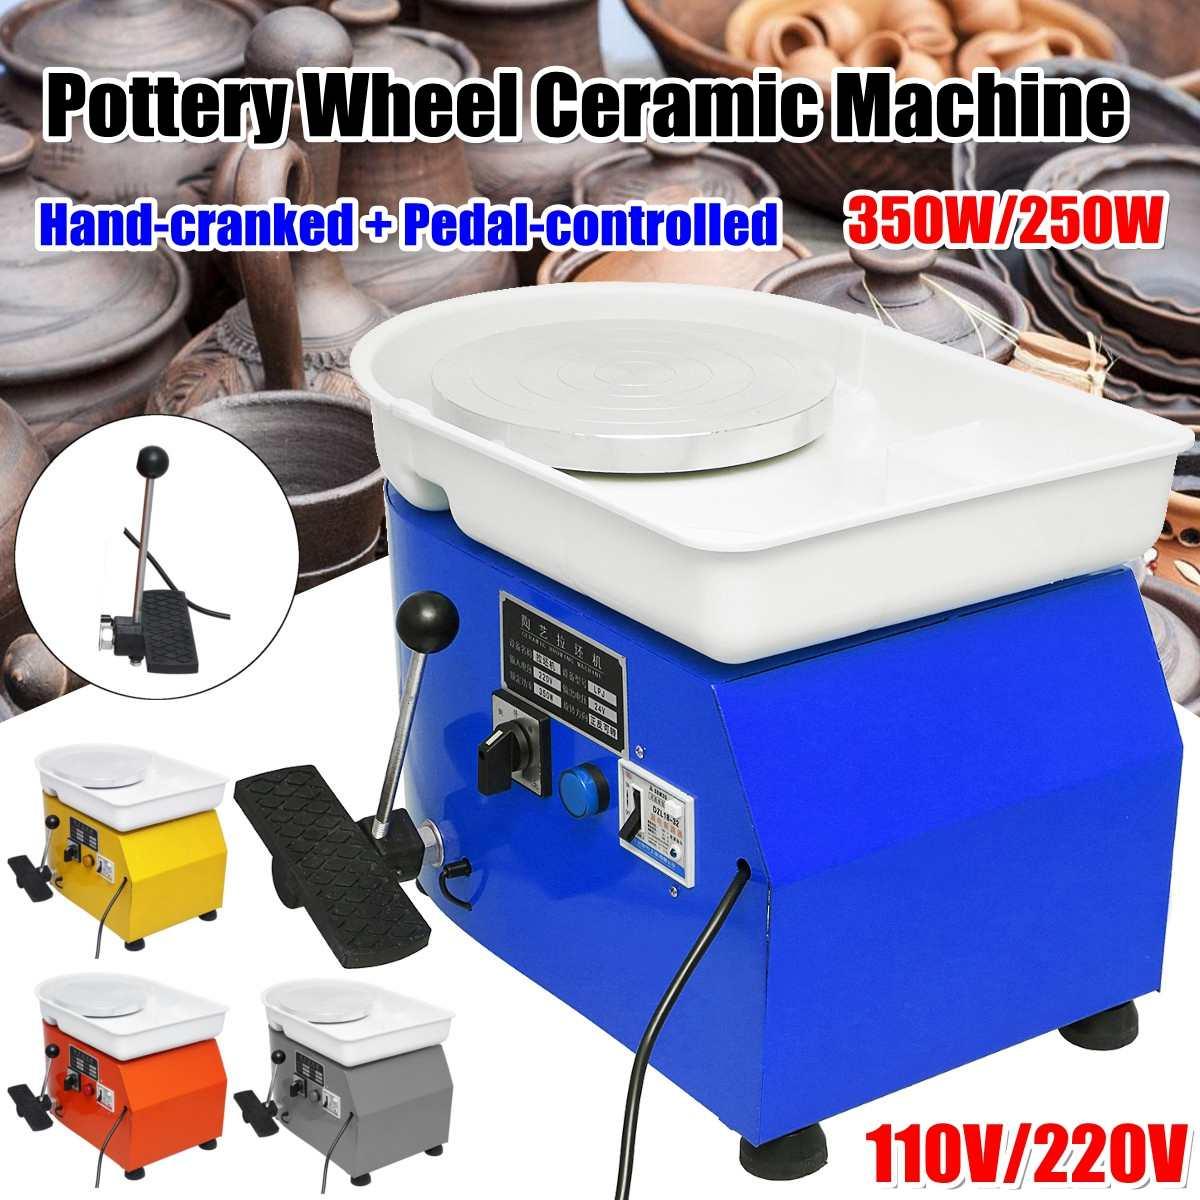 250 W/350 W poterie roue poterie Machine 110 V/220 V pour le travail de la céramique céramique argile pour le travail de la céramique céramique